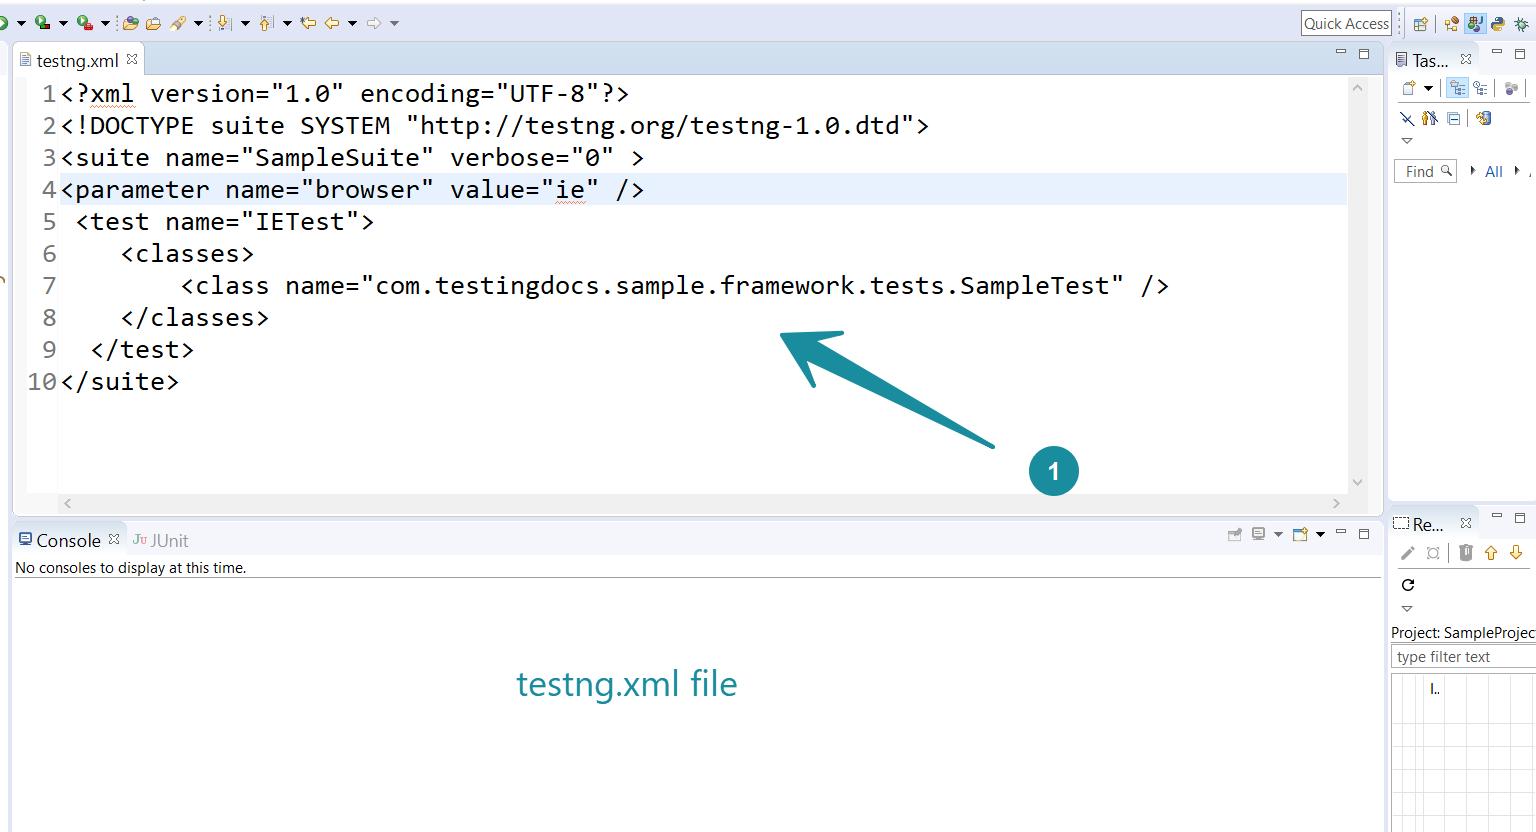 testng.xml file